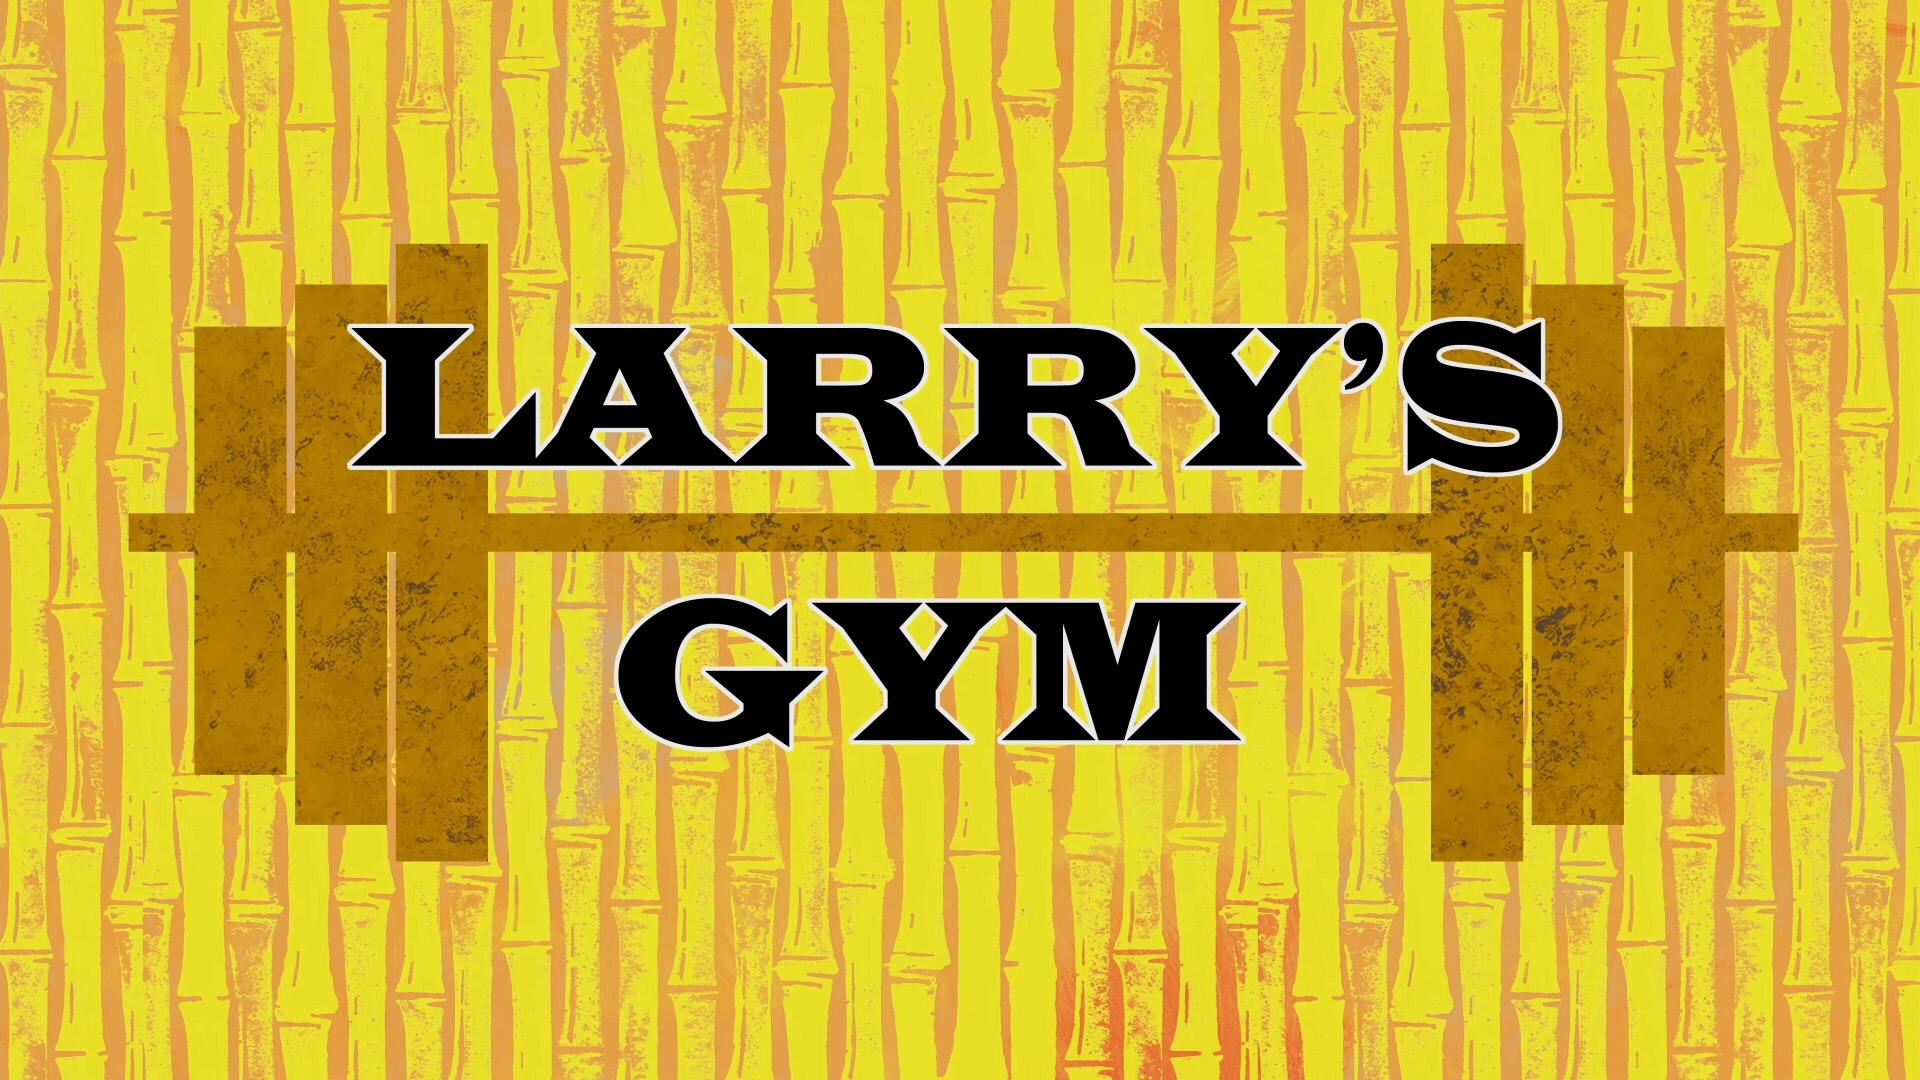 Larry's Gym/transcript